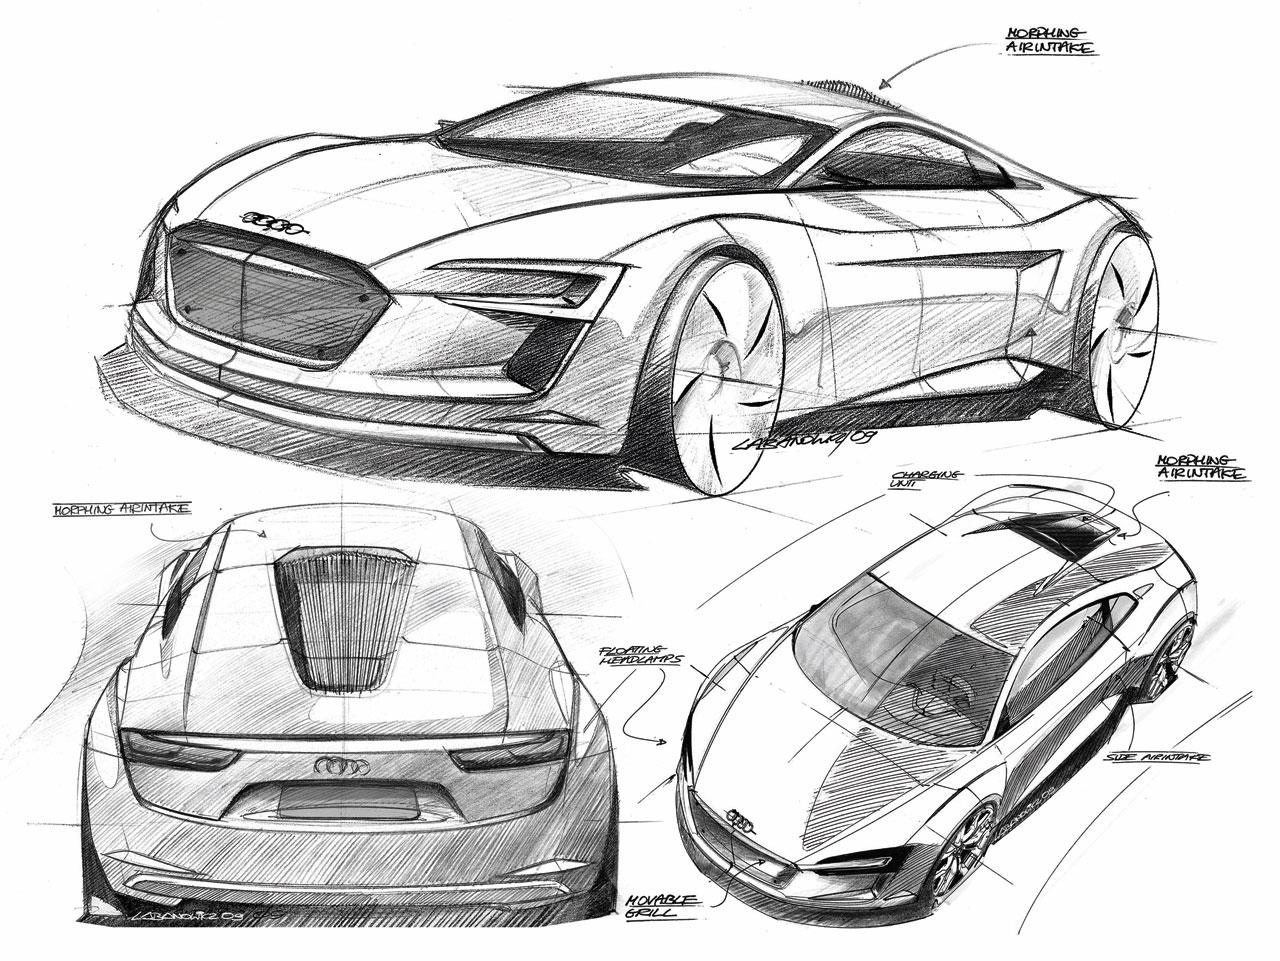 Sketch design. Il sapore unico del disegno a mano libera